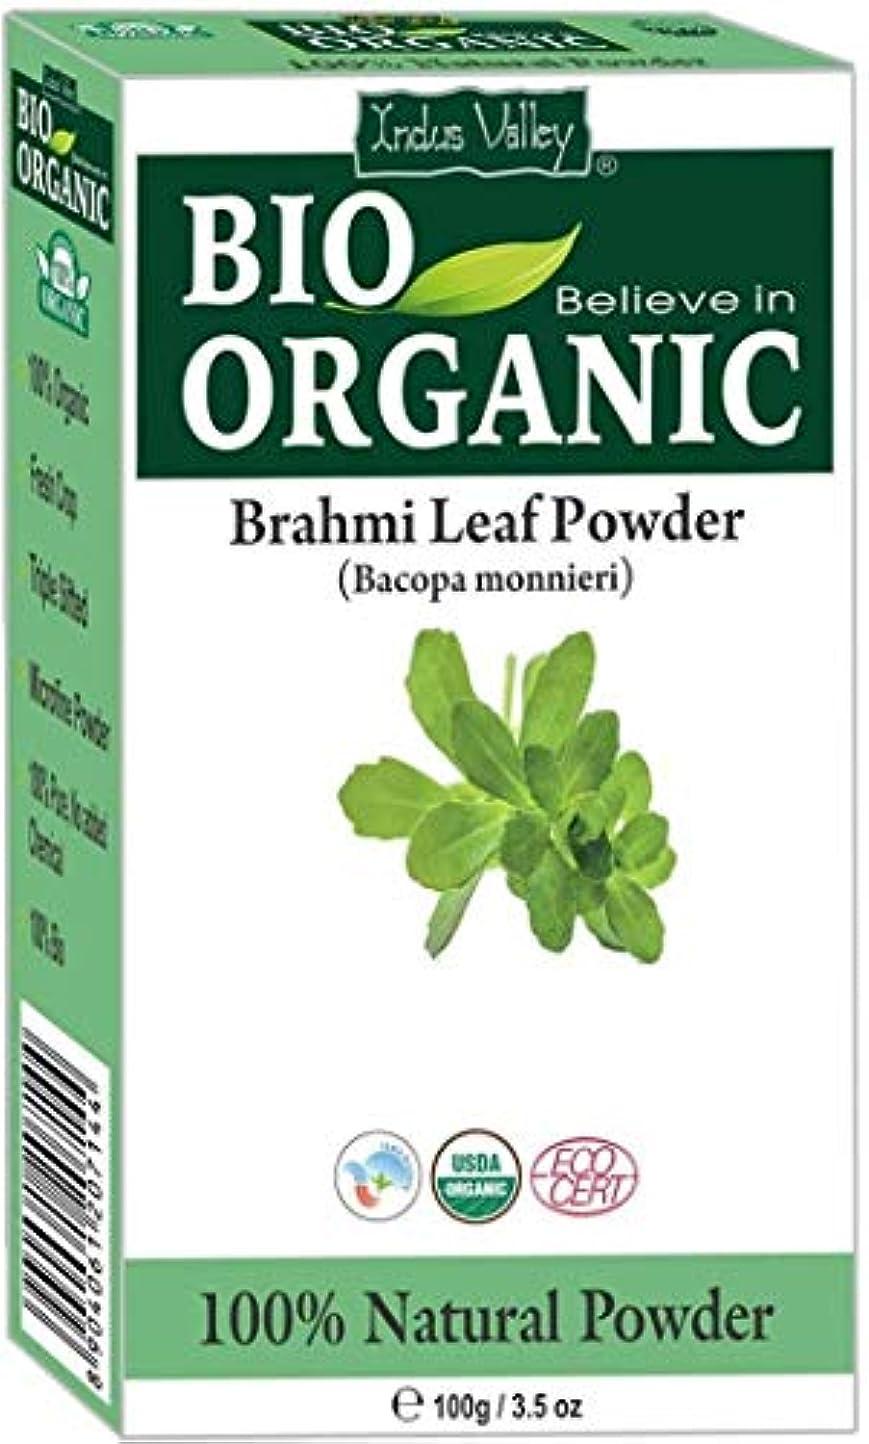 ヒロイン適切なランドリー無料のレシピ本100gが付いている証明された純粋な有機性Brahmiの粉